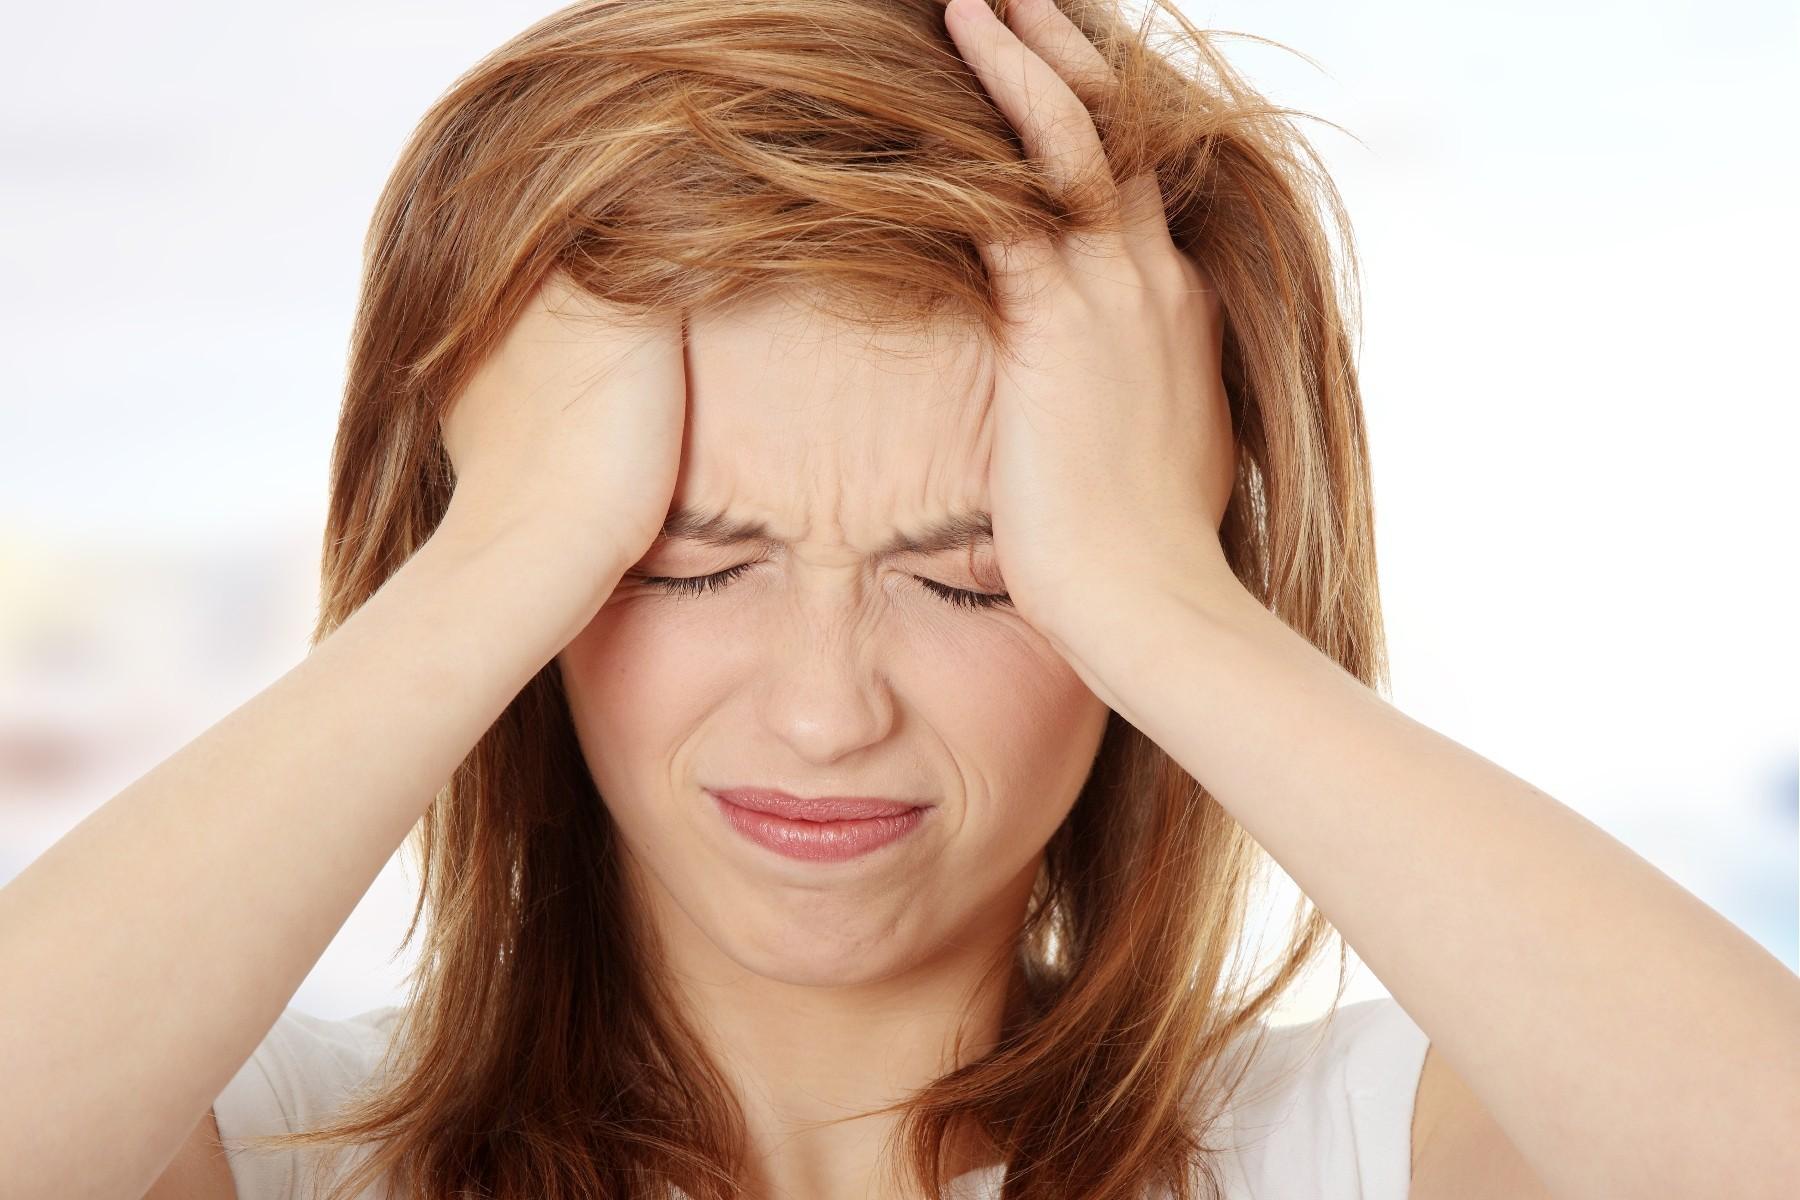 Đau đầu là bệnh gì? không nên chủ quan mà cần đi khám